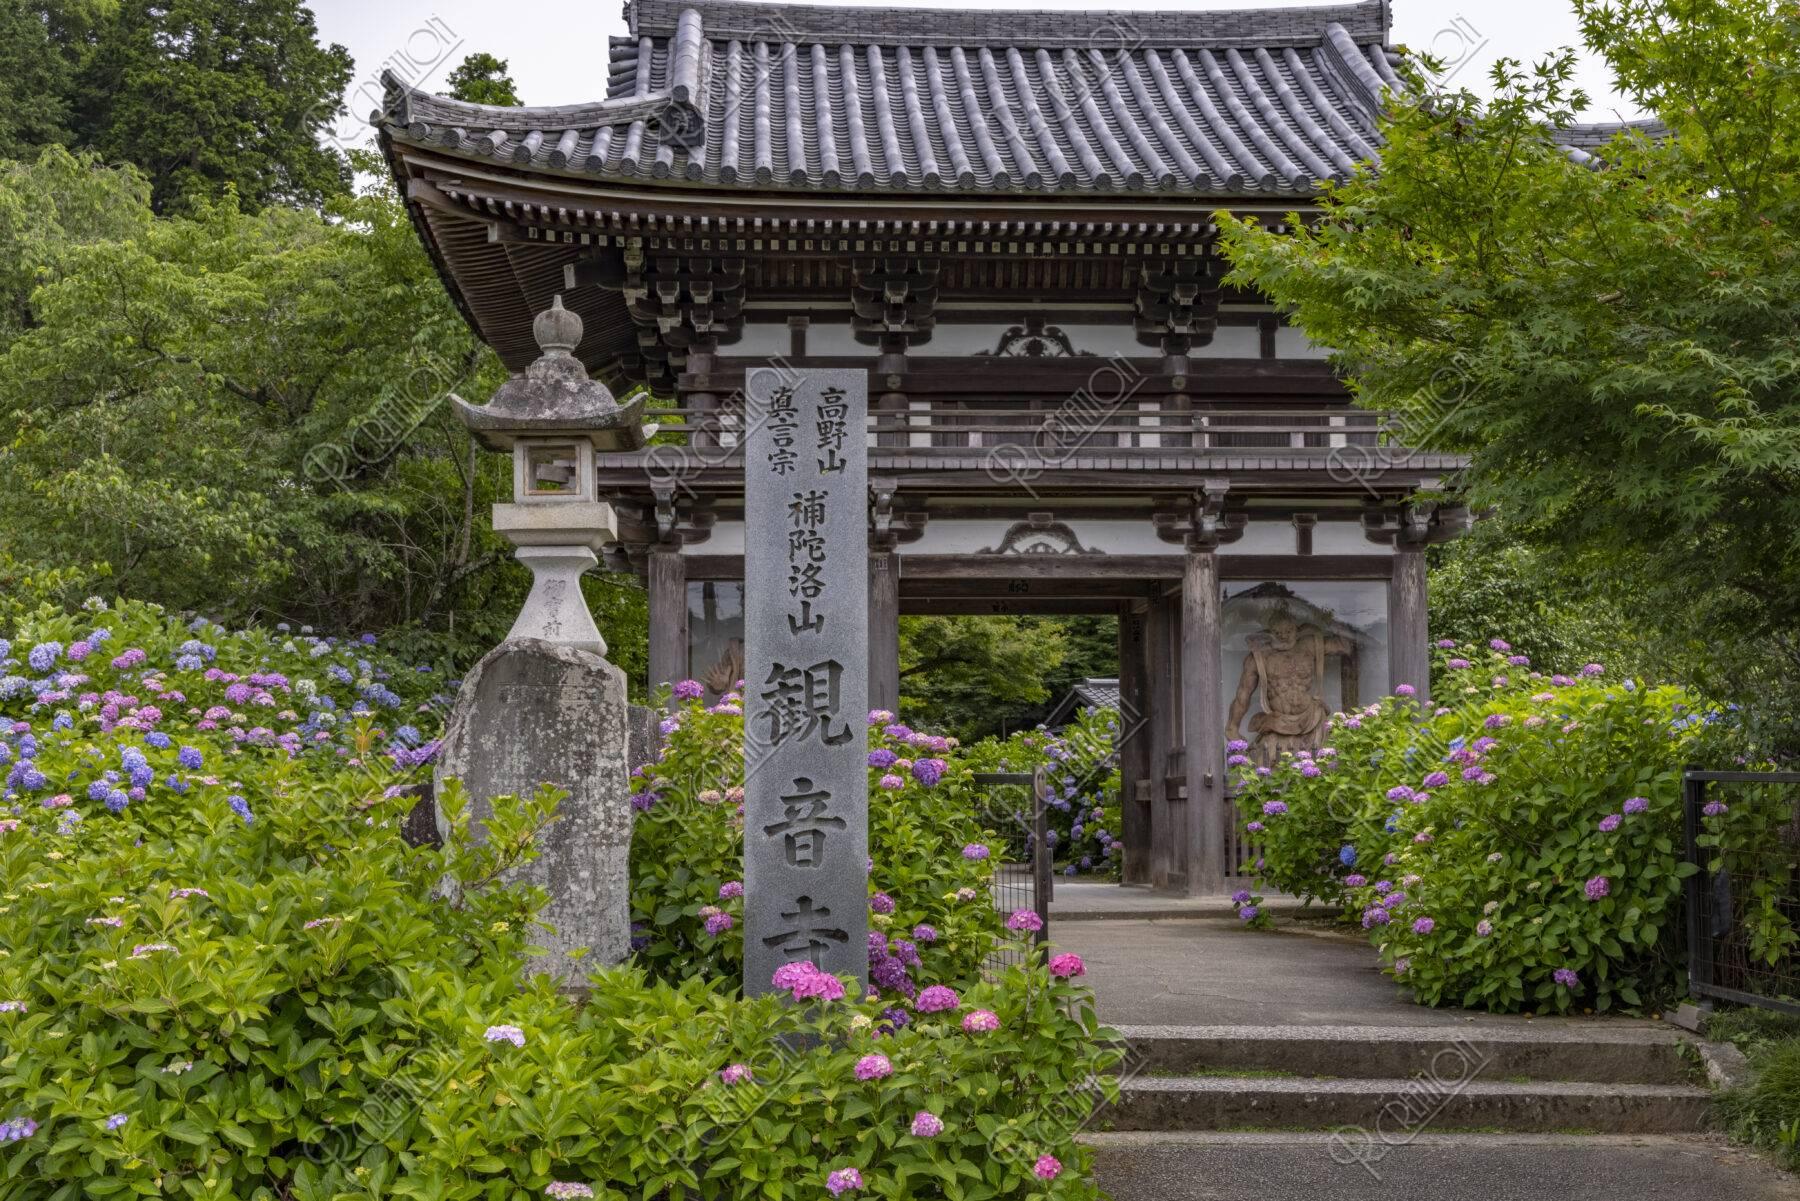 観音寺 山門とアジサイ